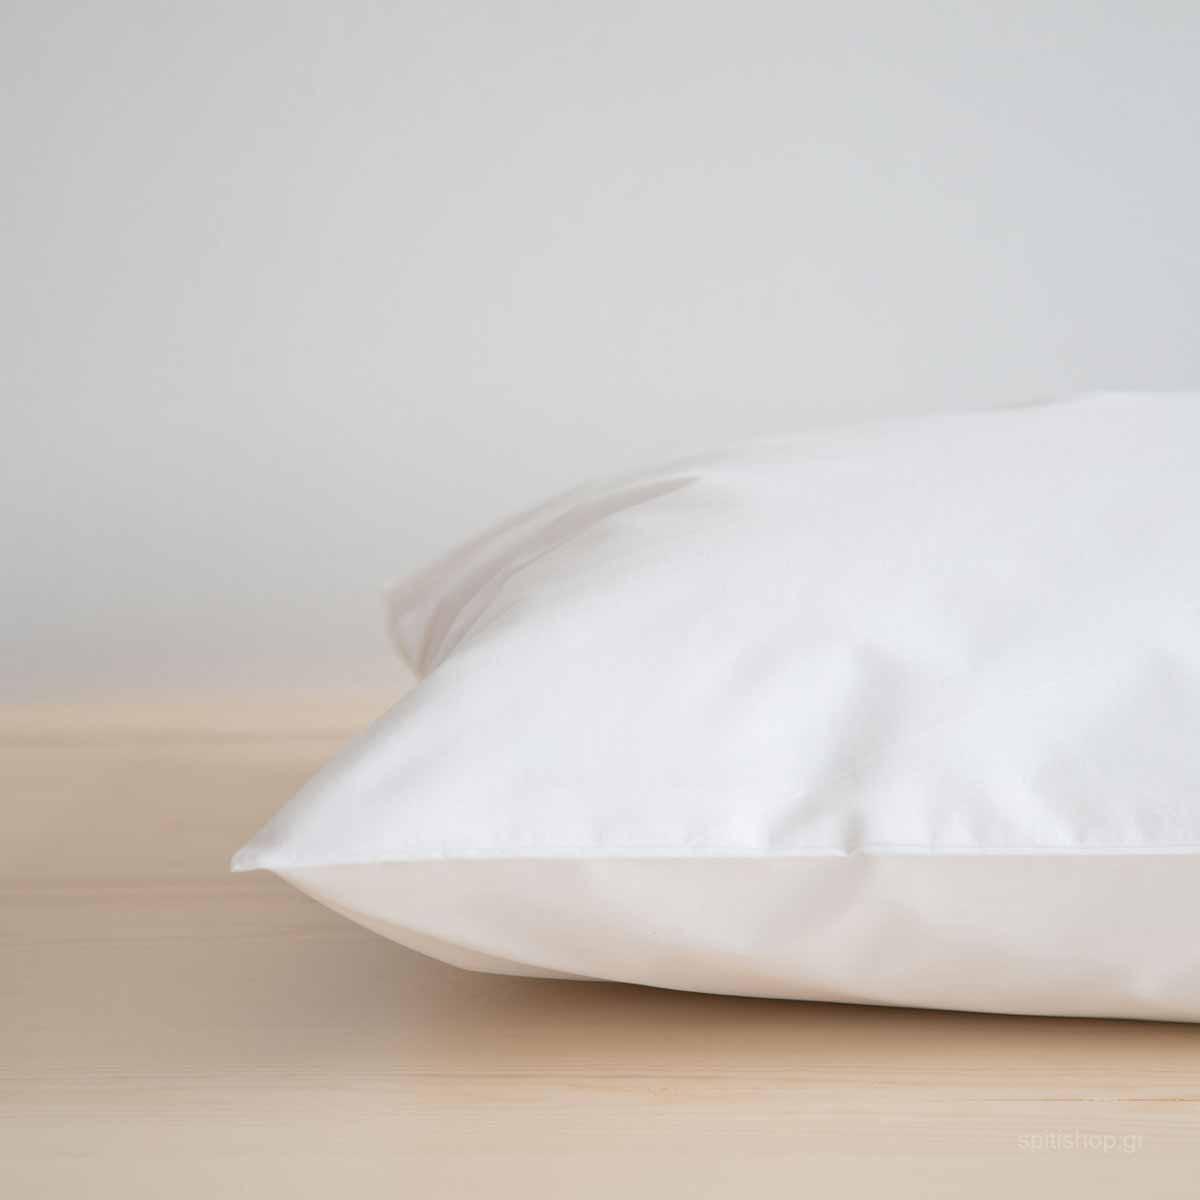 Σεντόνι Ημίδιπλο Με Λάστιχο Nima Bed Linen Unicolors